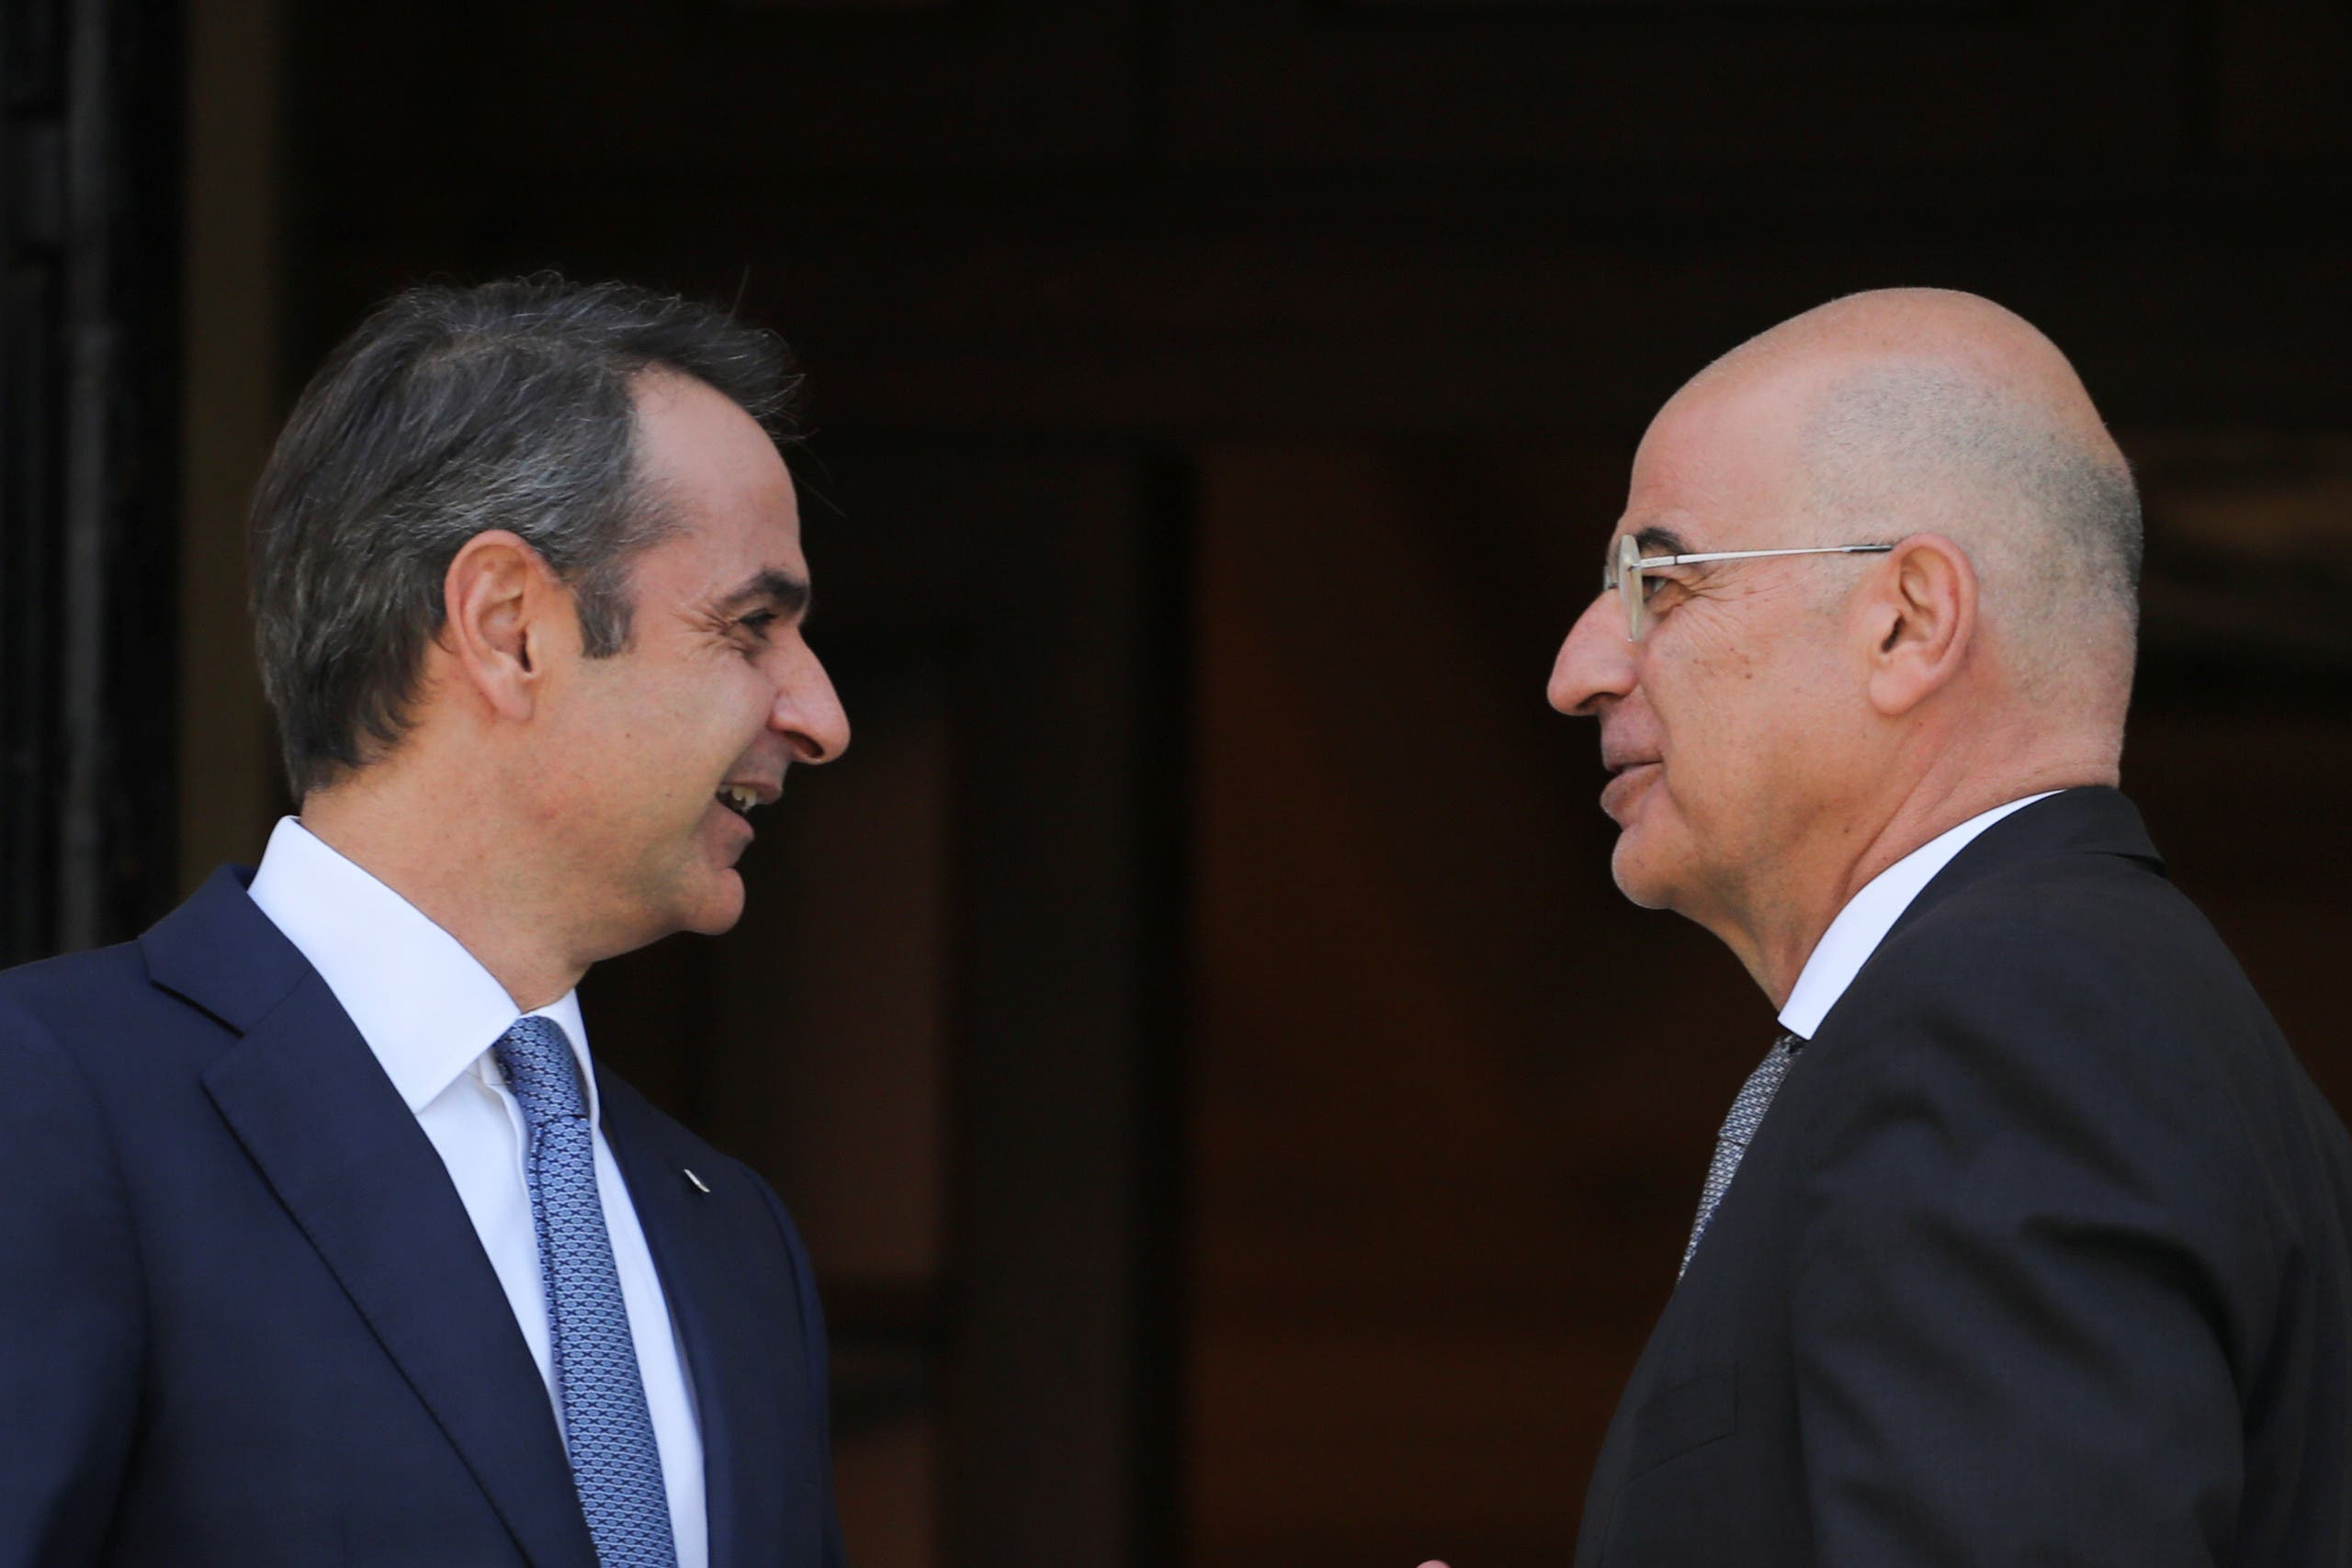 وزير الخارجية اليوناني دندياس مع رئيس الوزراء اليوناني متسوتاكيس قبل لقاء مع الرئيس القبرصي